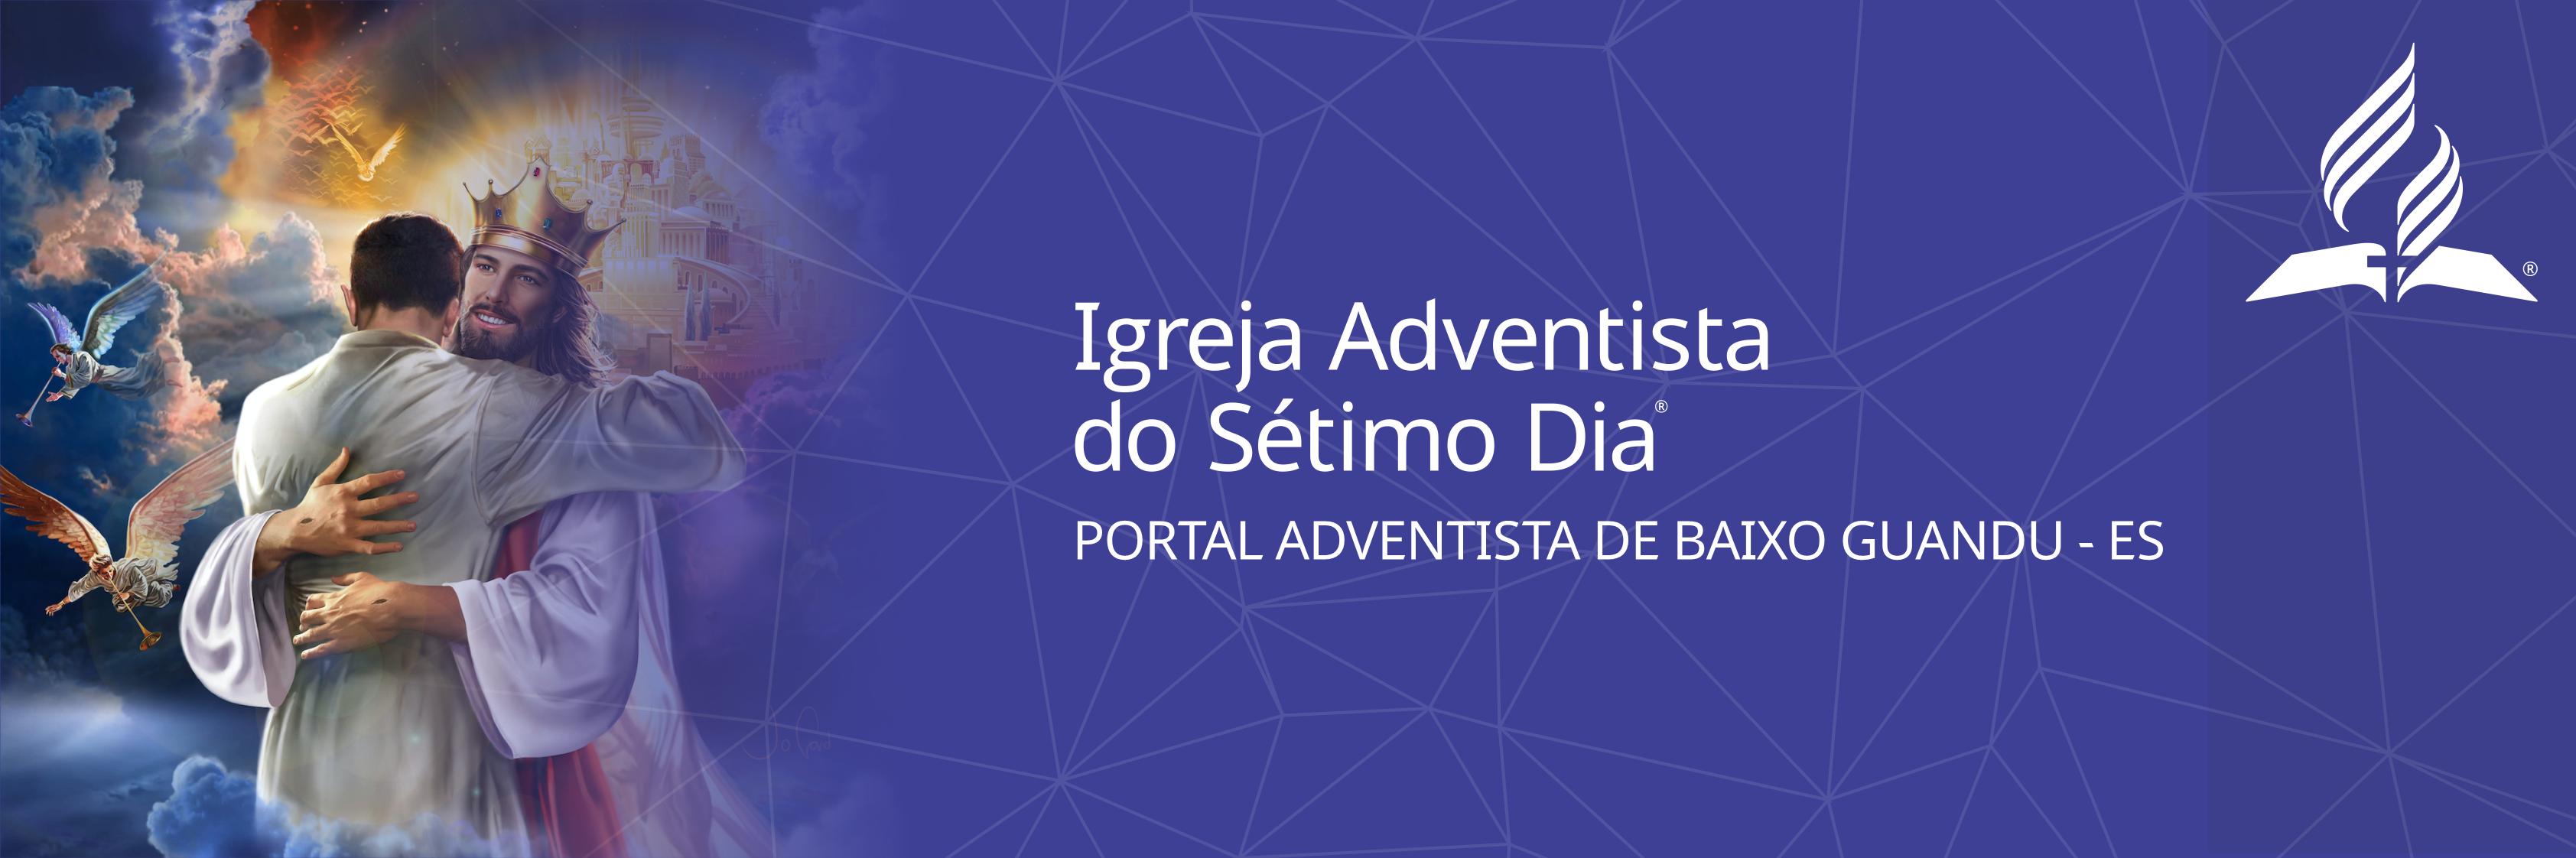 Portal Adventista de Baixo Guandu ES